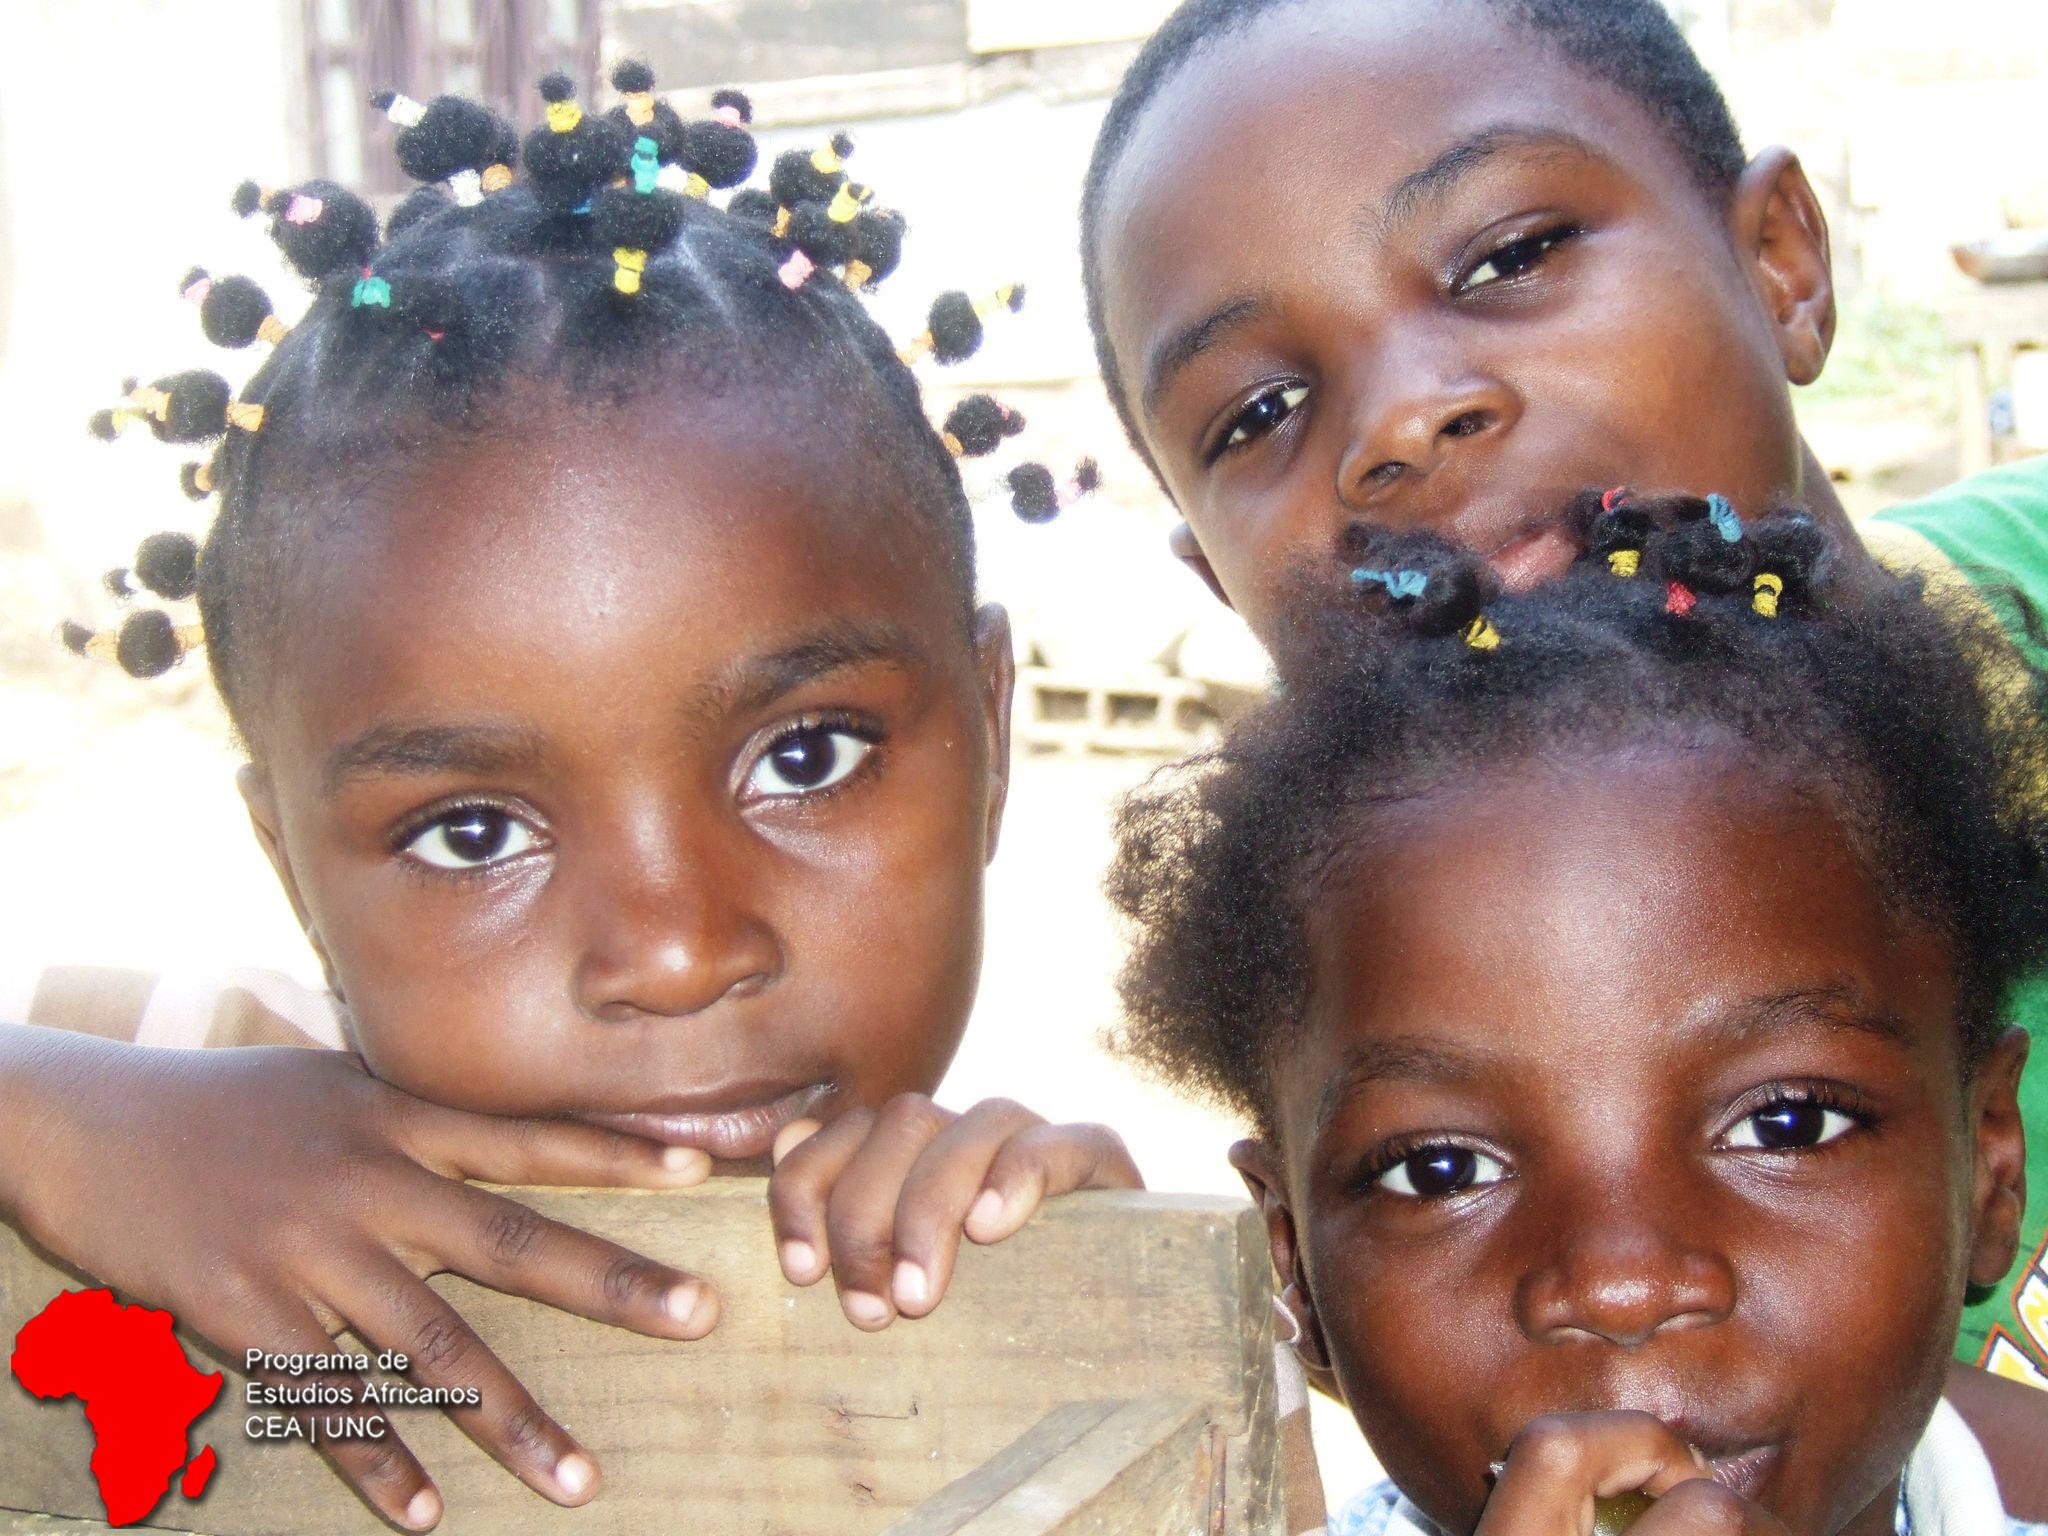 Estudios-Africanos-GE-b